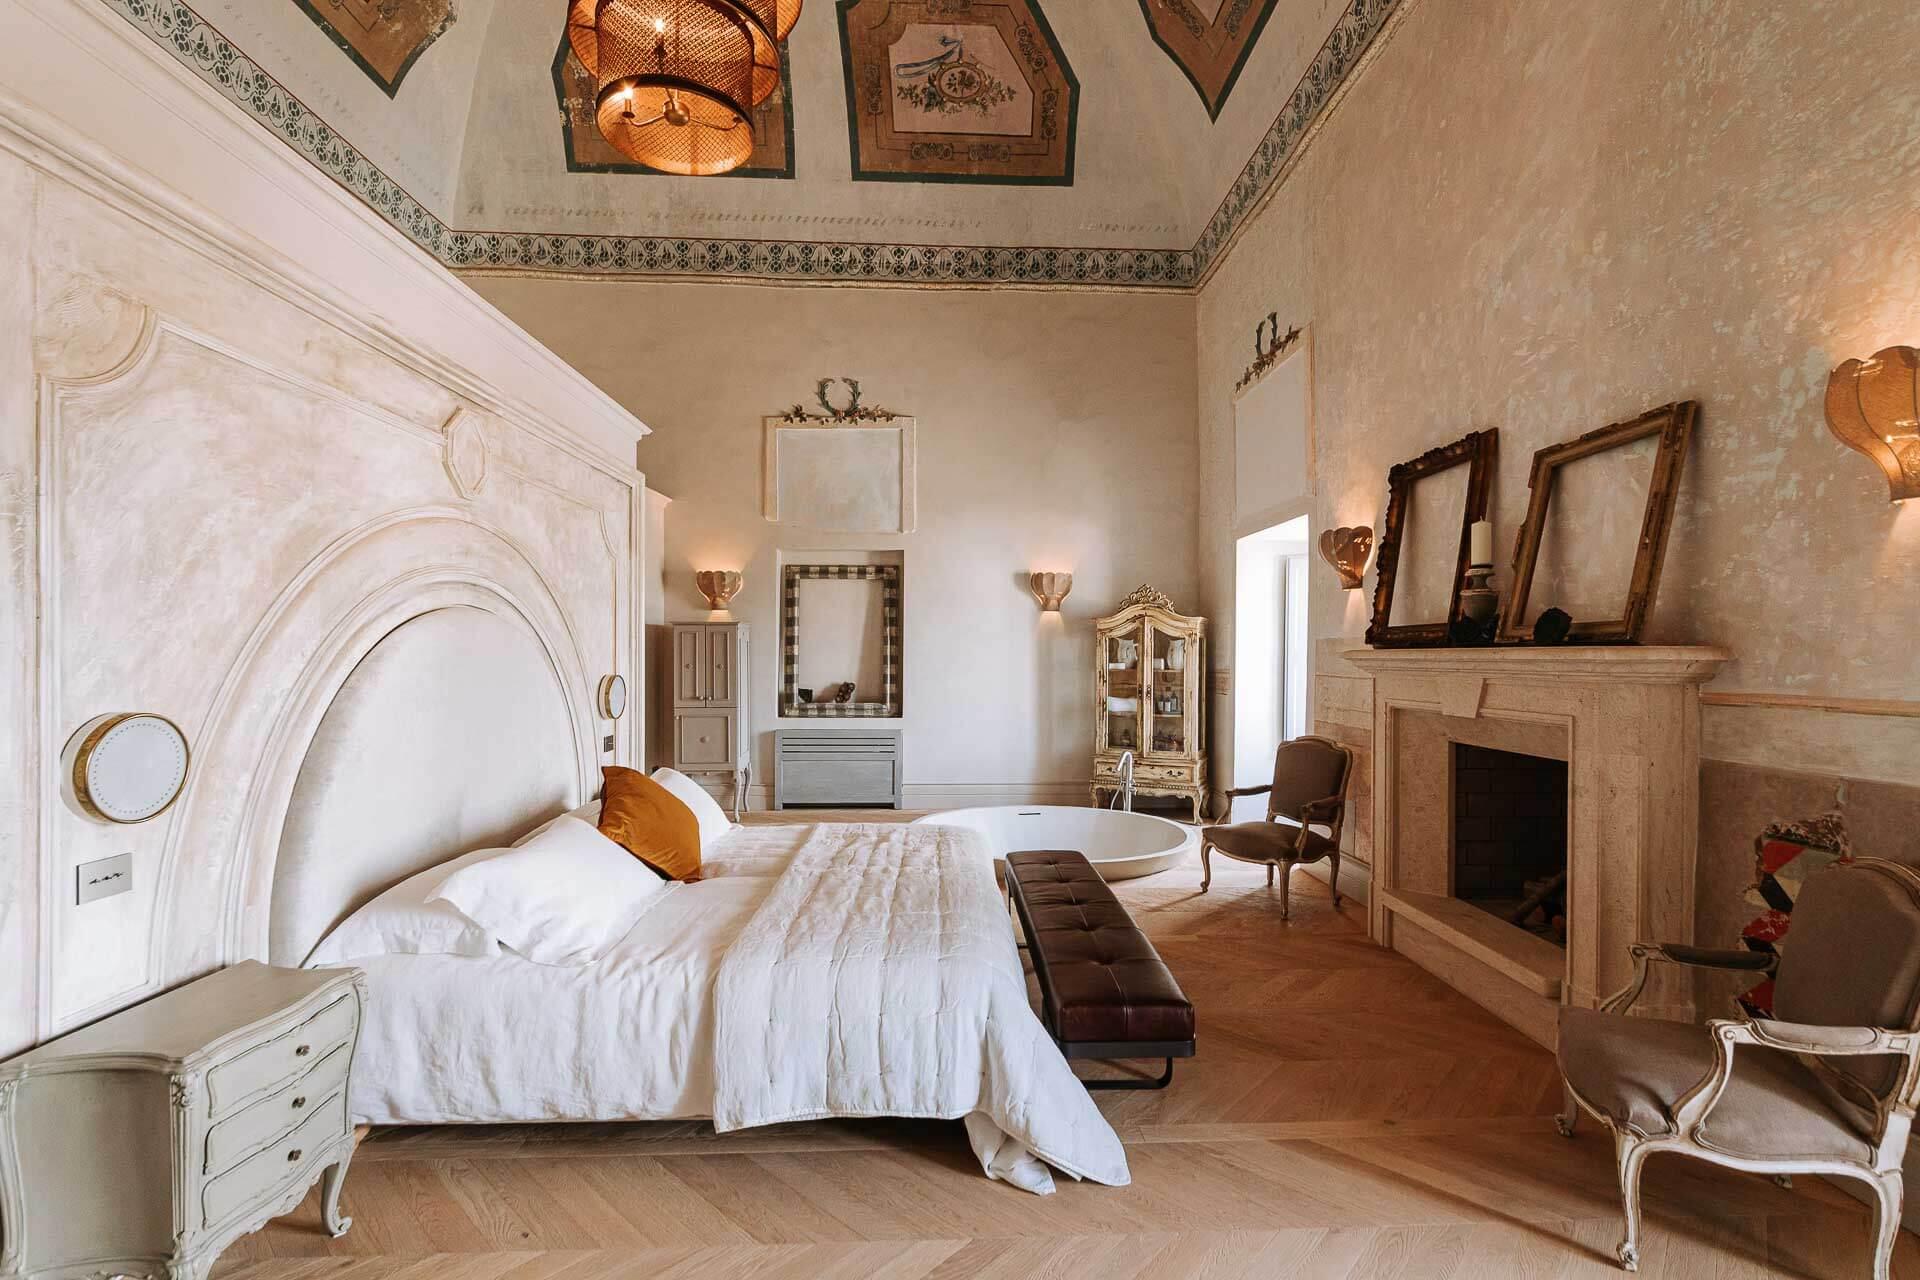 Le Paragon 700, boutique-hôtel de luxe dans les Pouilles, ouvre ses portes au cœur du village blanc d'Ostuni. Un écrin chic et contemporain de seulement 11 chambres et suites dans un édifice historique entièrement rénové.